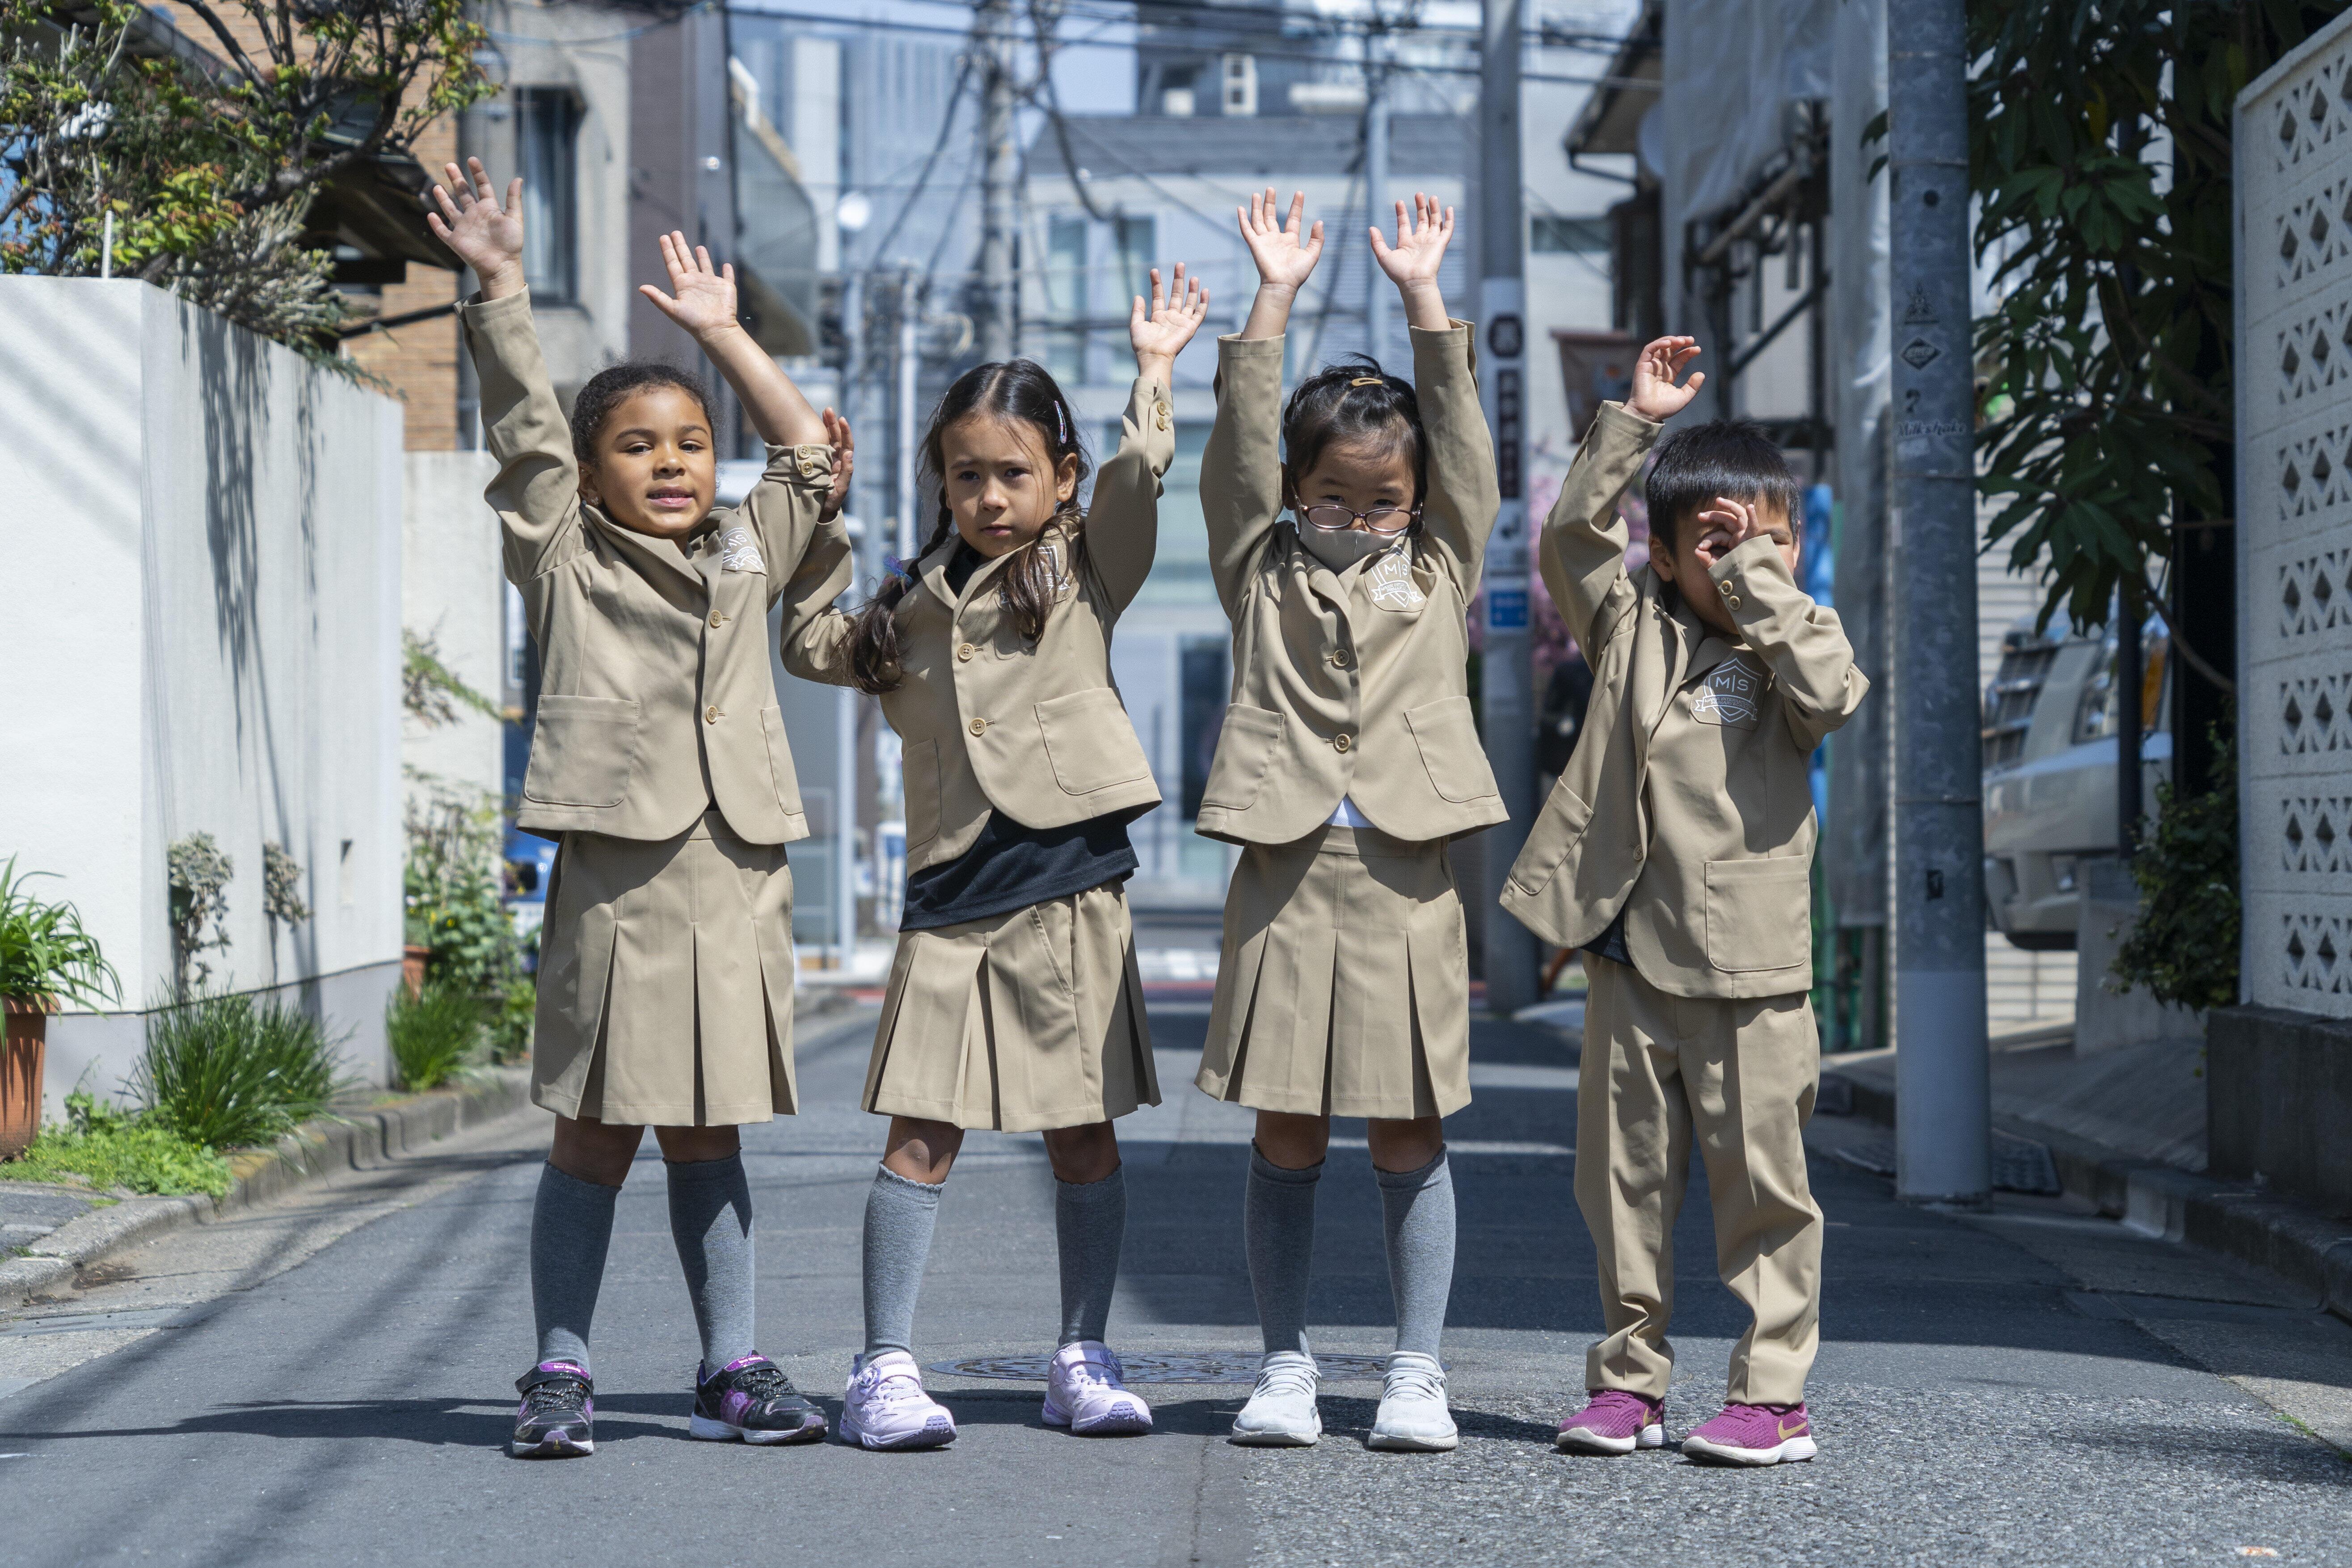 マリーインターナショナルプライマリースクールで採用されたWWSの学生服